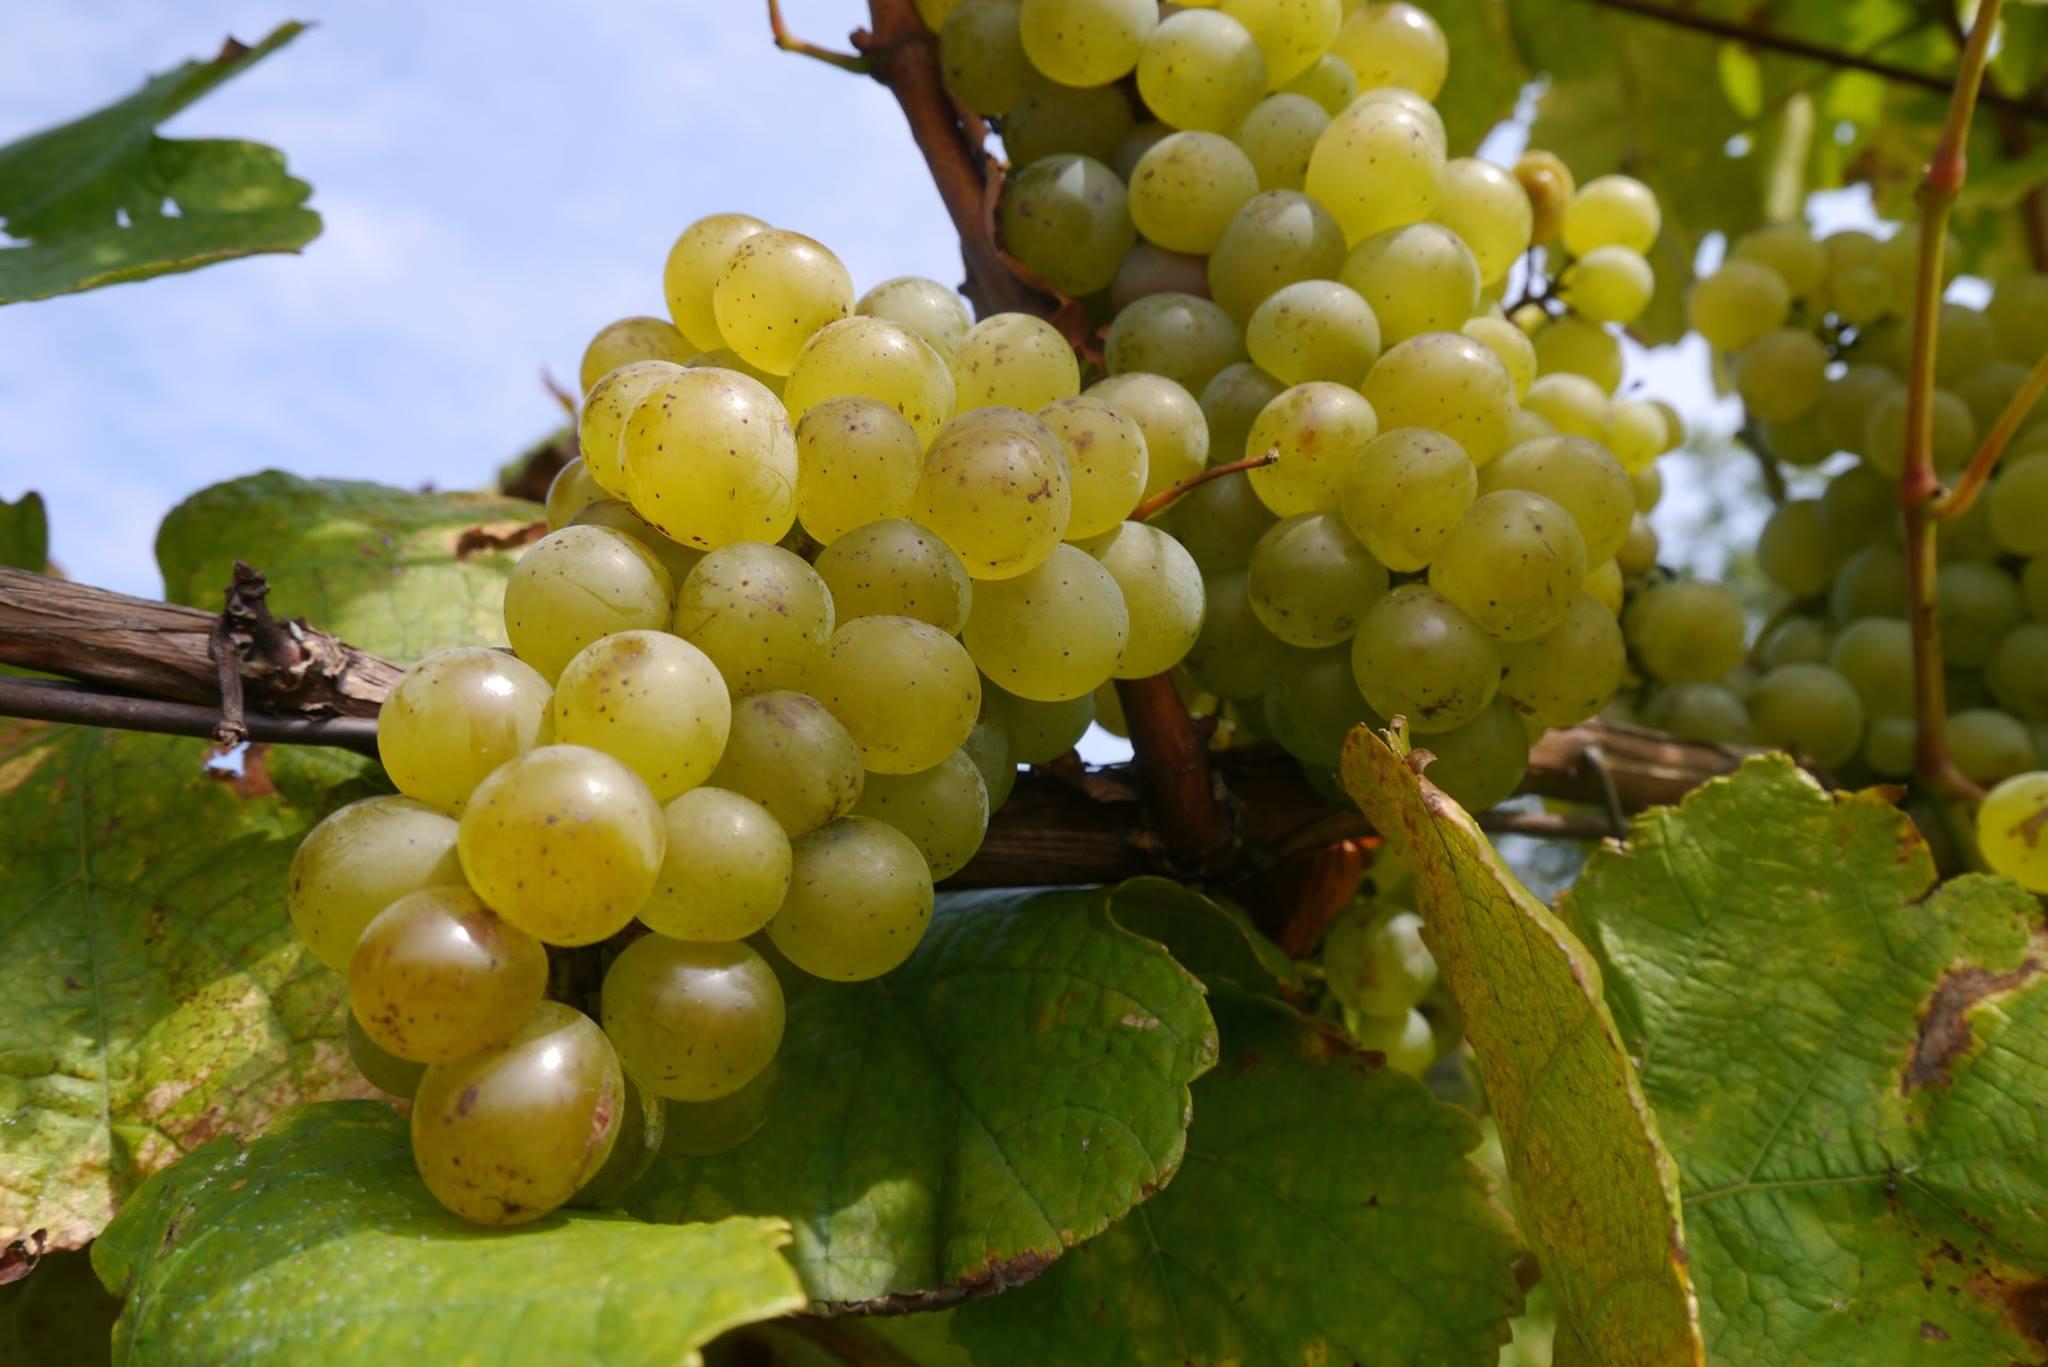 Vinár: Nechcel som sa pri práci otráviť, tak som začal pestovať ekologicky